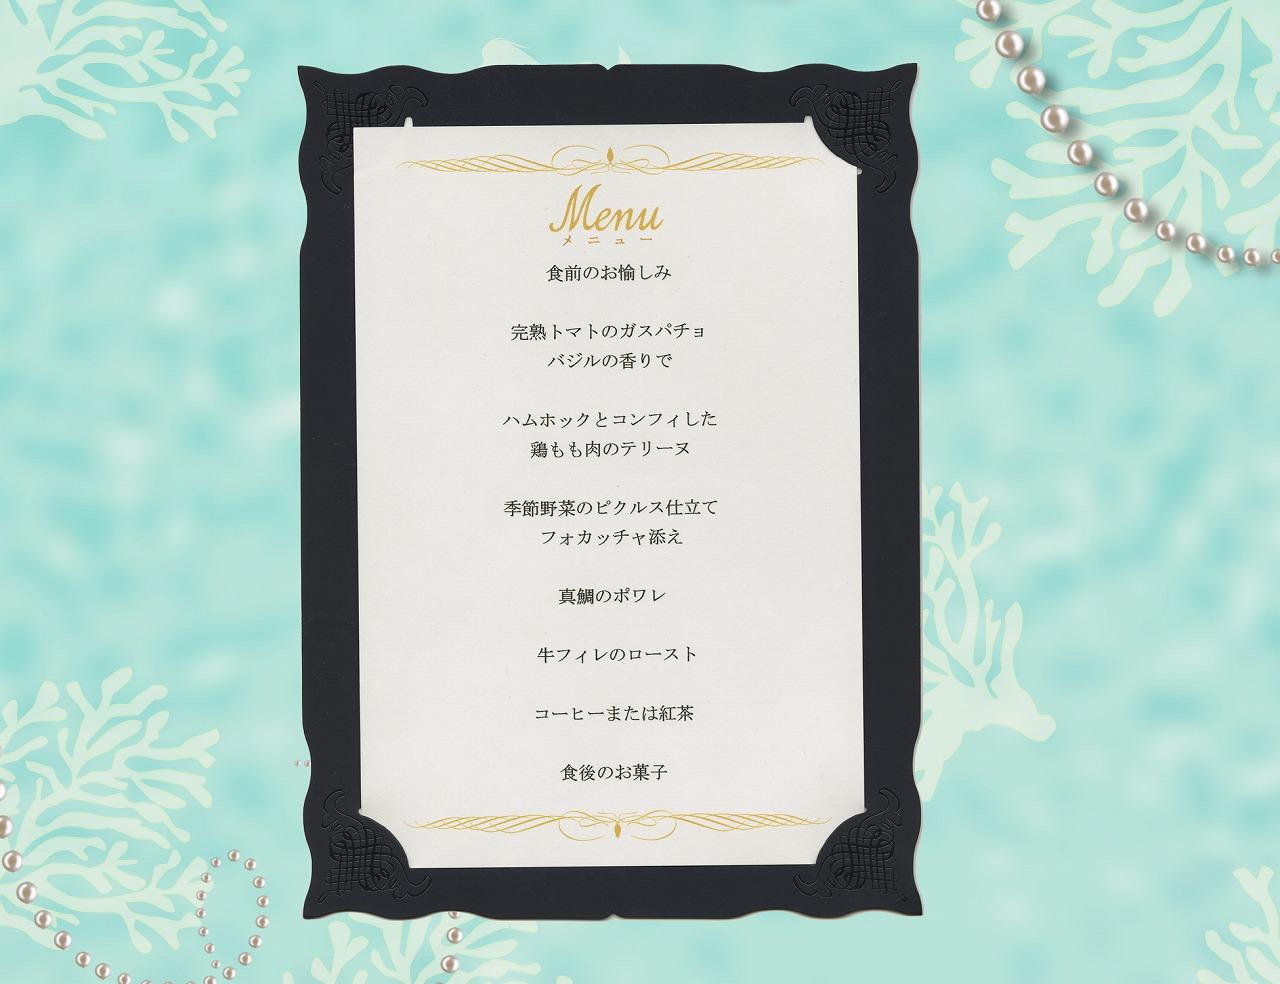 結婚式メニュー表-WDチャーム(ネイビー) 手作りメニュー表